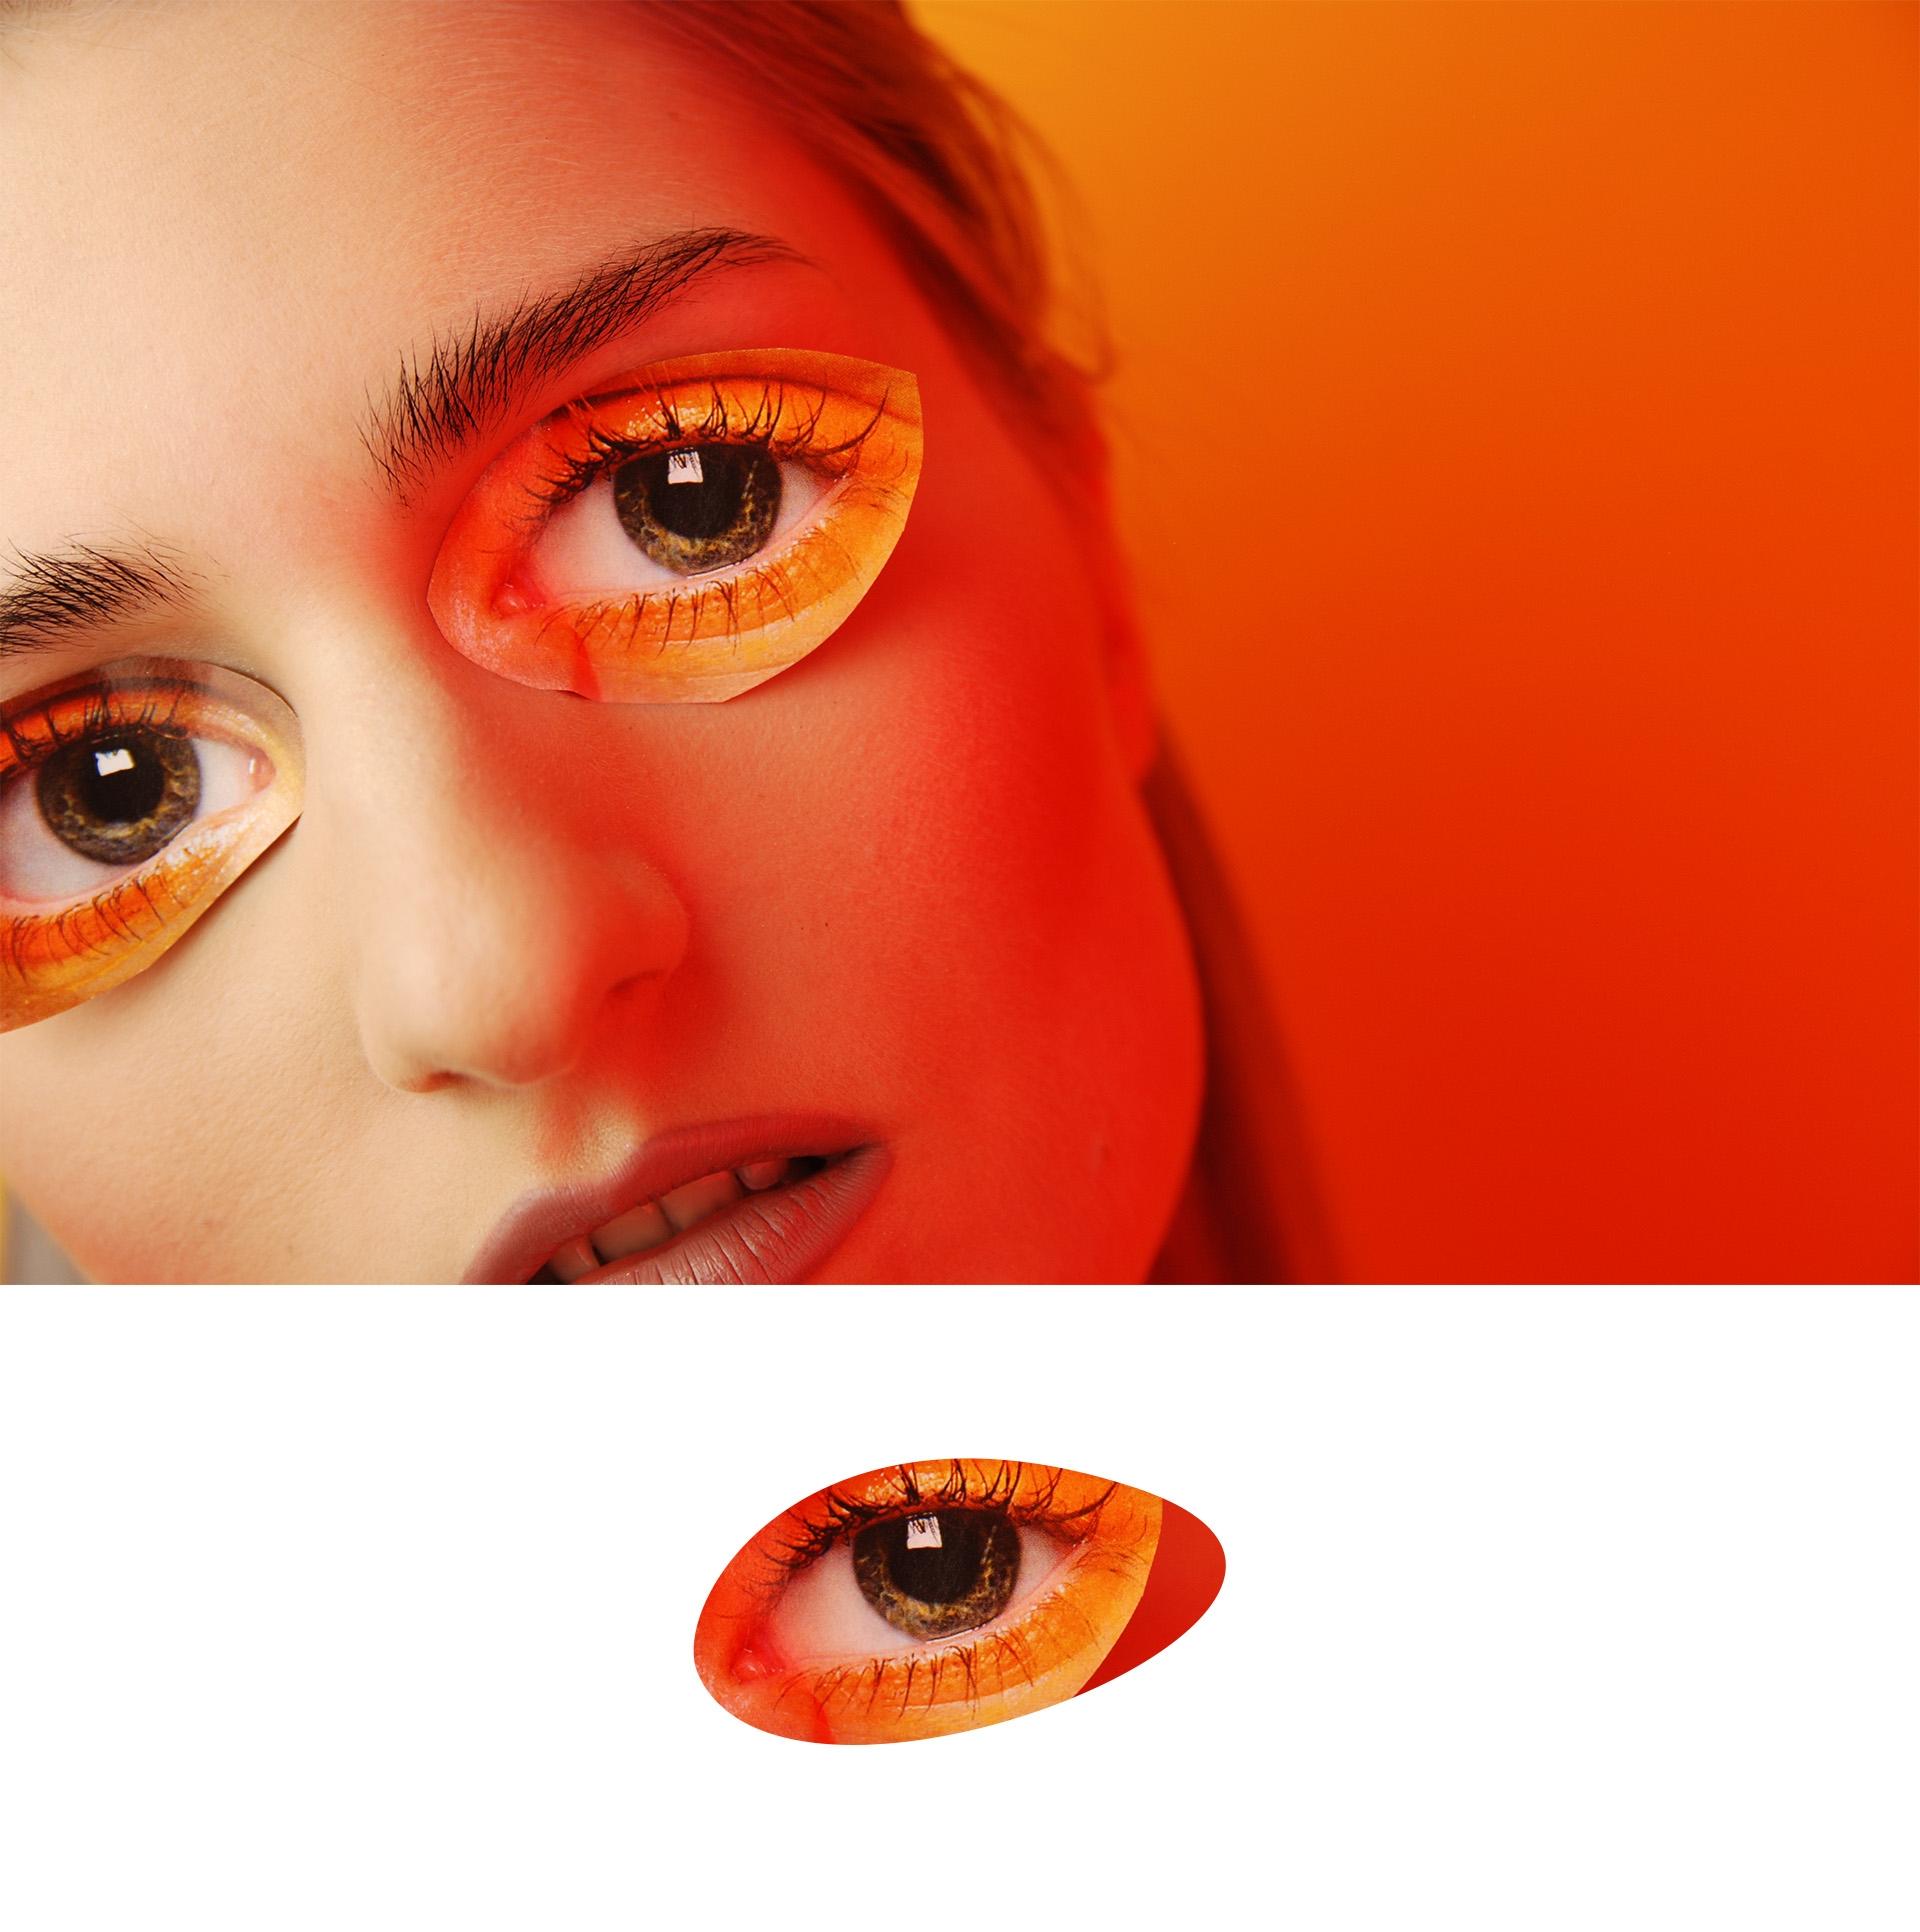 Obraz przedstawia fragment twarzy kobiety z naklejonymi oczami z papieru. Pod zdjęciem widzimy geometryczny kształt oka.